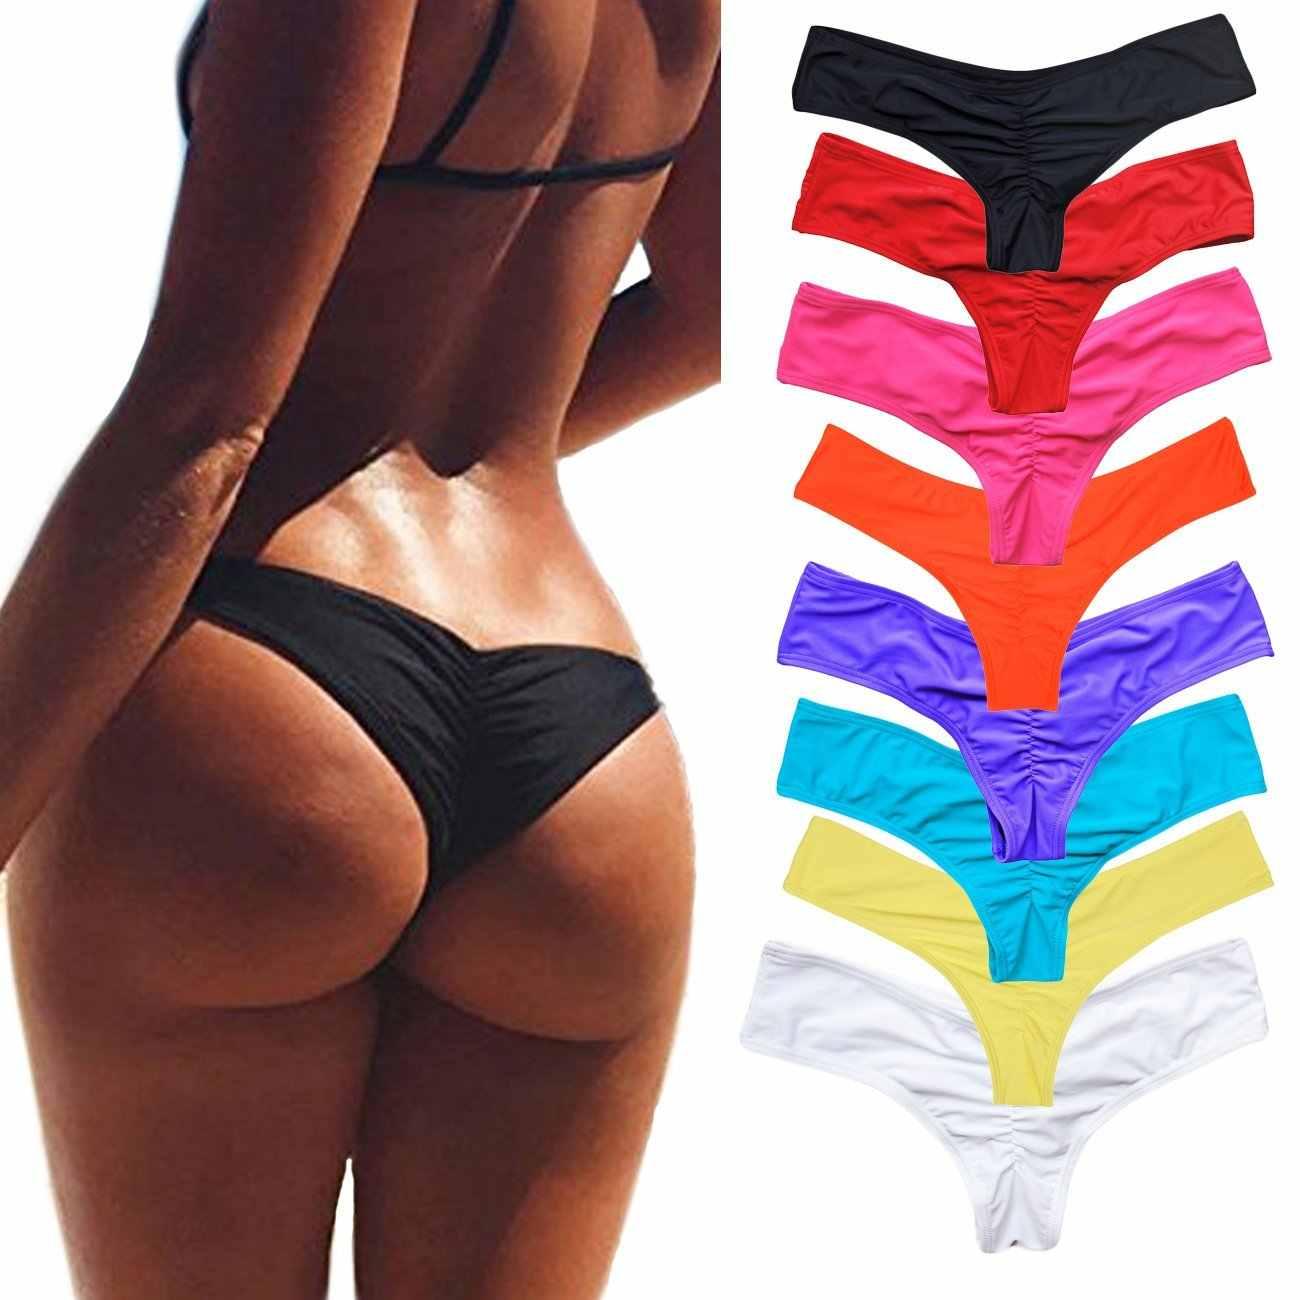 4a0a189885 Swimwear Women Briefs Bikini Bottom Side Ties Brazilian Thong Swimsuit  Classic Cut Bottoms Biquini Swim Short